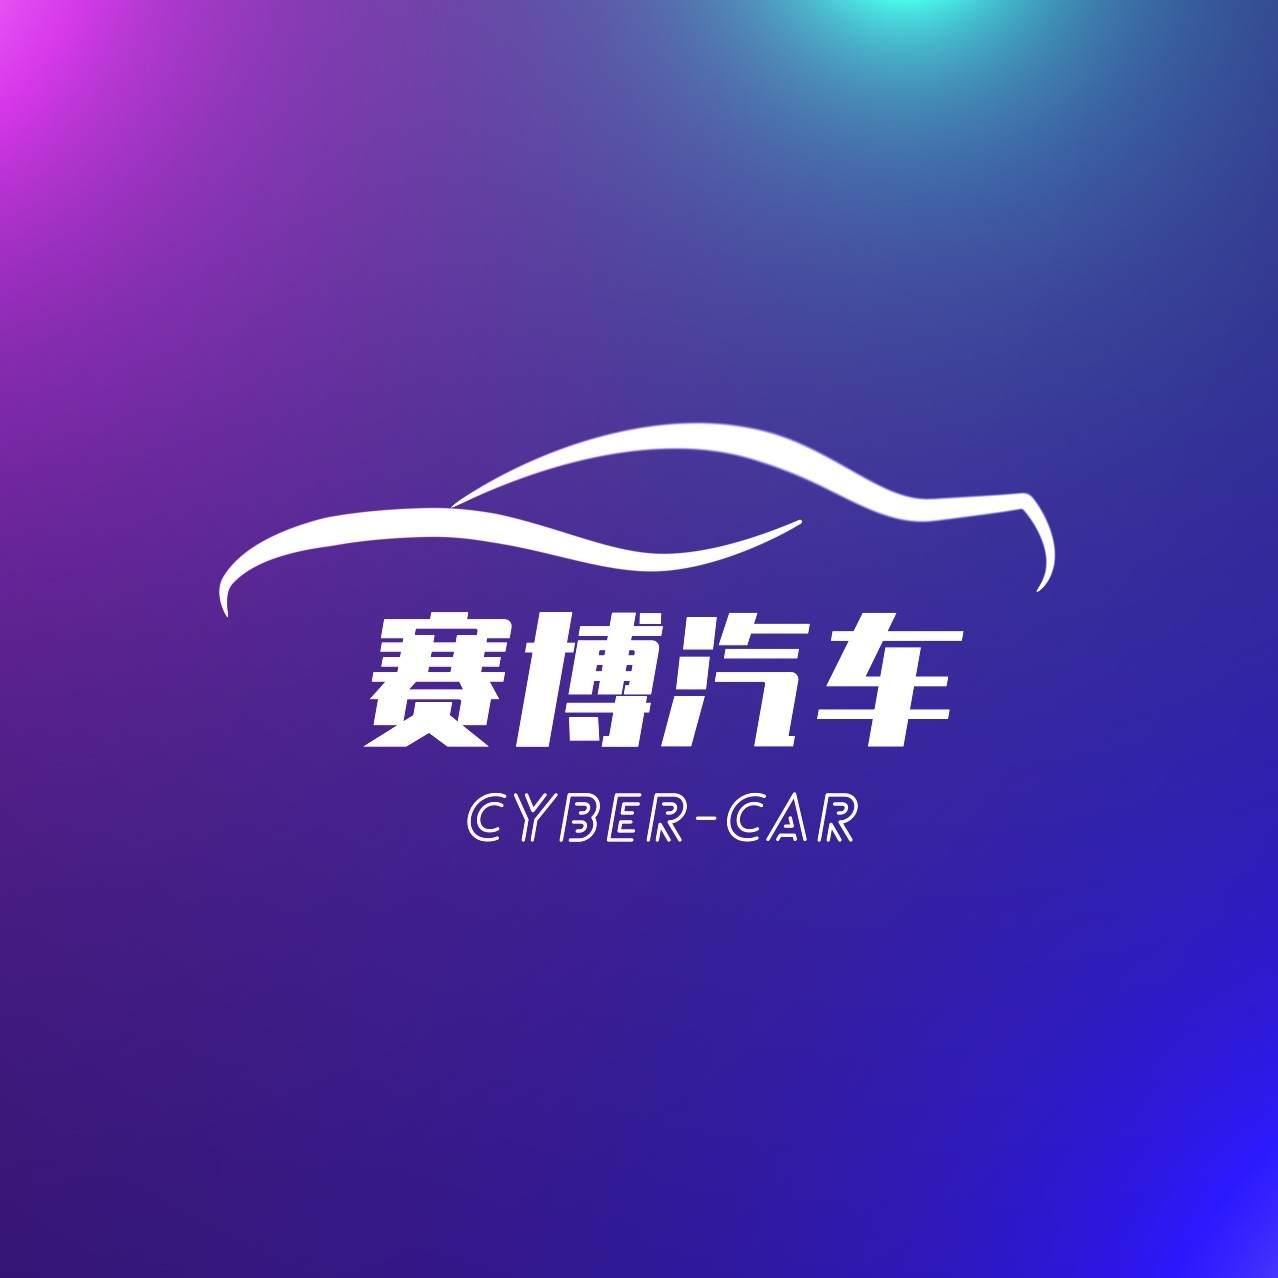 以此为开始,纪录未来汽车的故事。